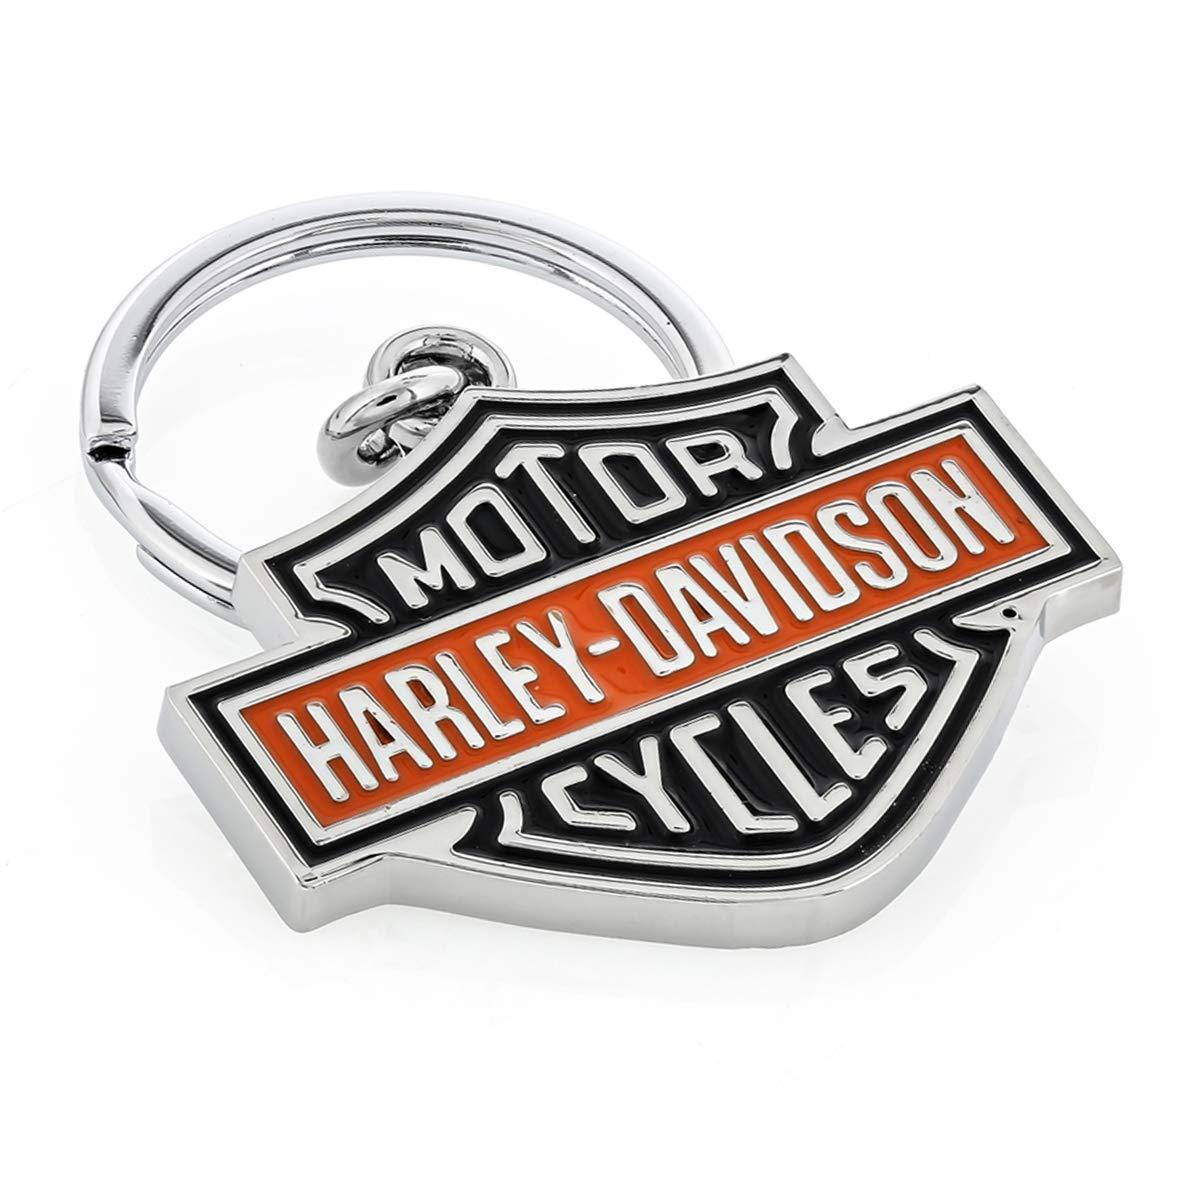 Harley Davidson Car Truck SUV Key Chain Metal Colored Bar /& Shield Logo LFIHDKD15